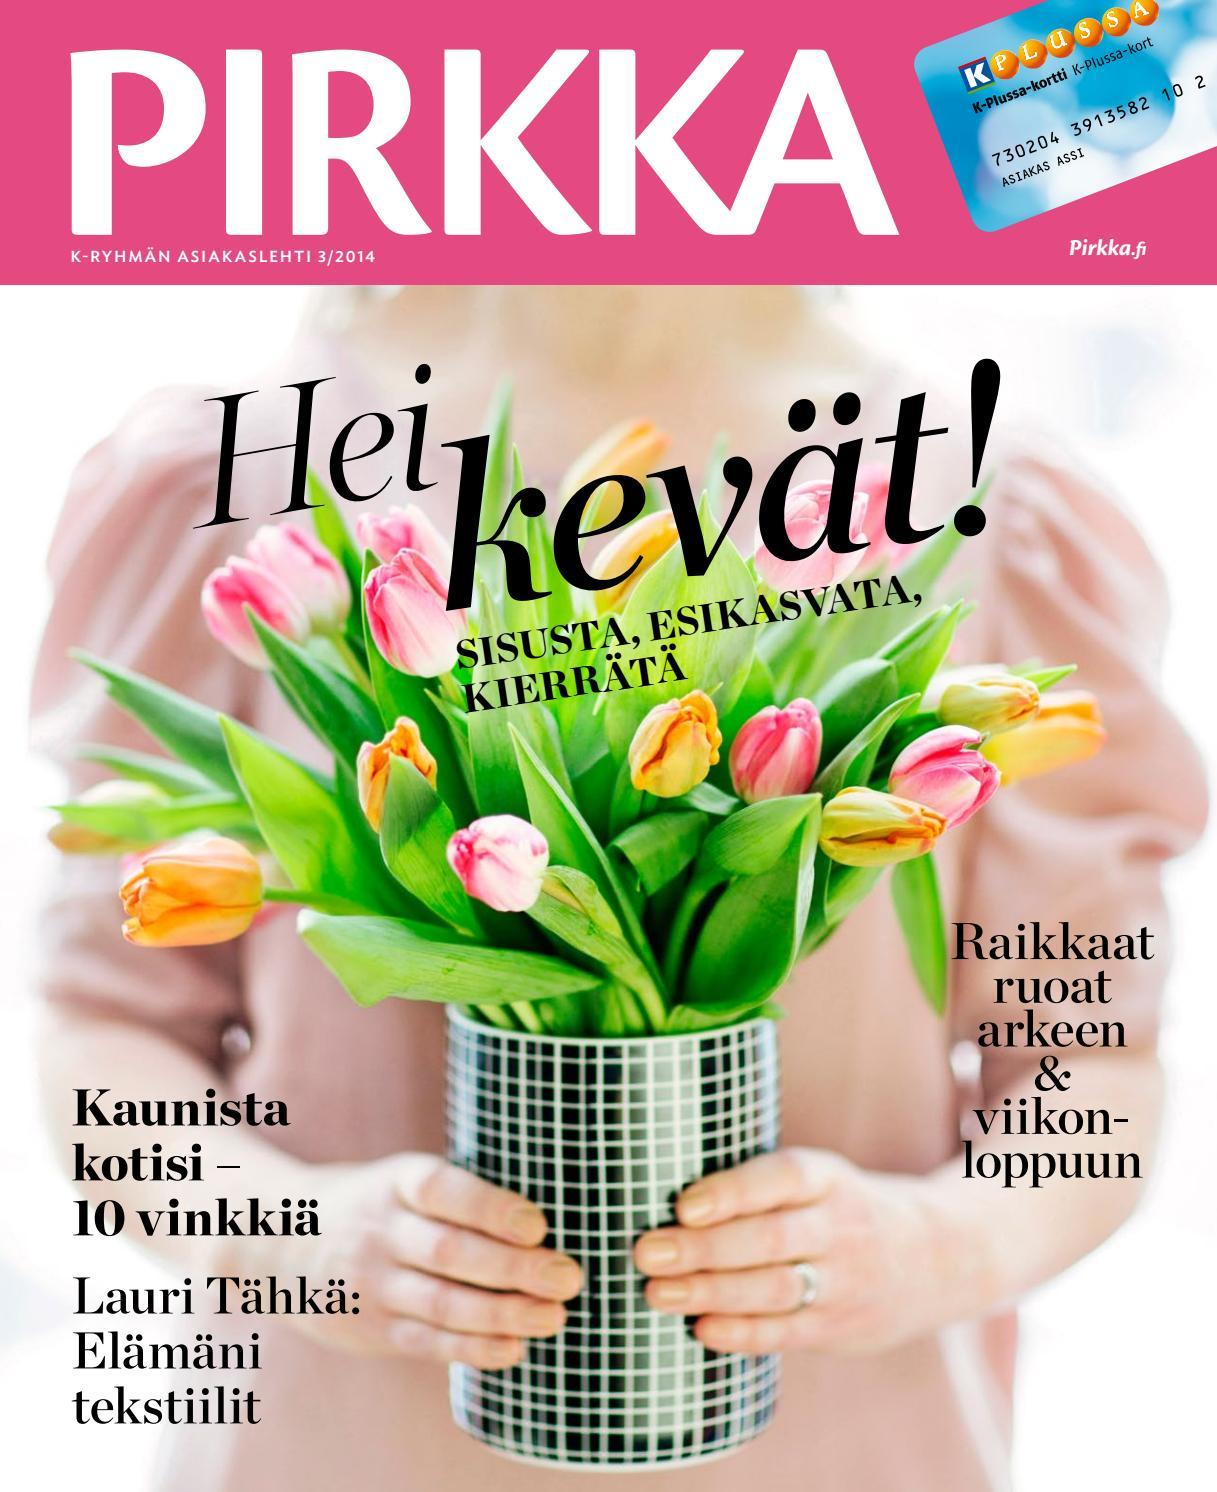 PIRKKA 3 2014 by Ruokakesko - issuu e29d51b762